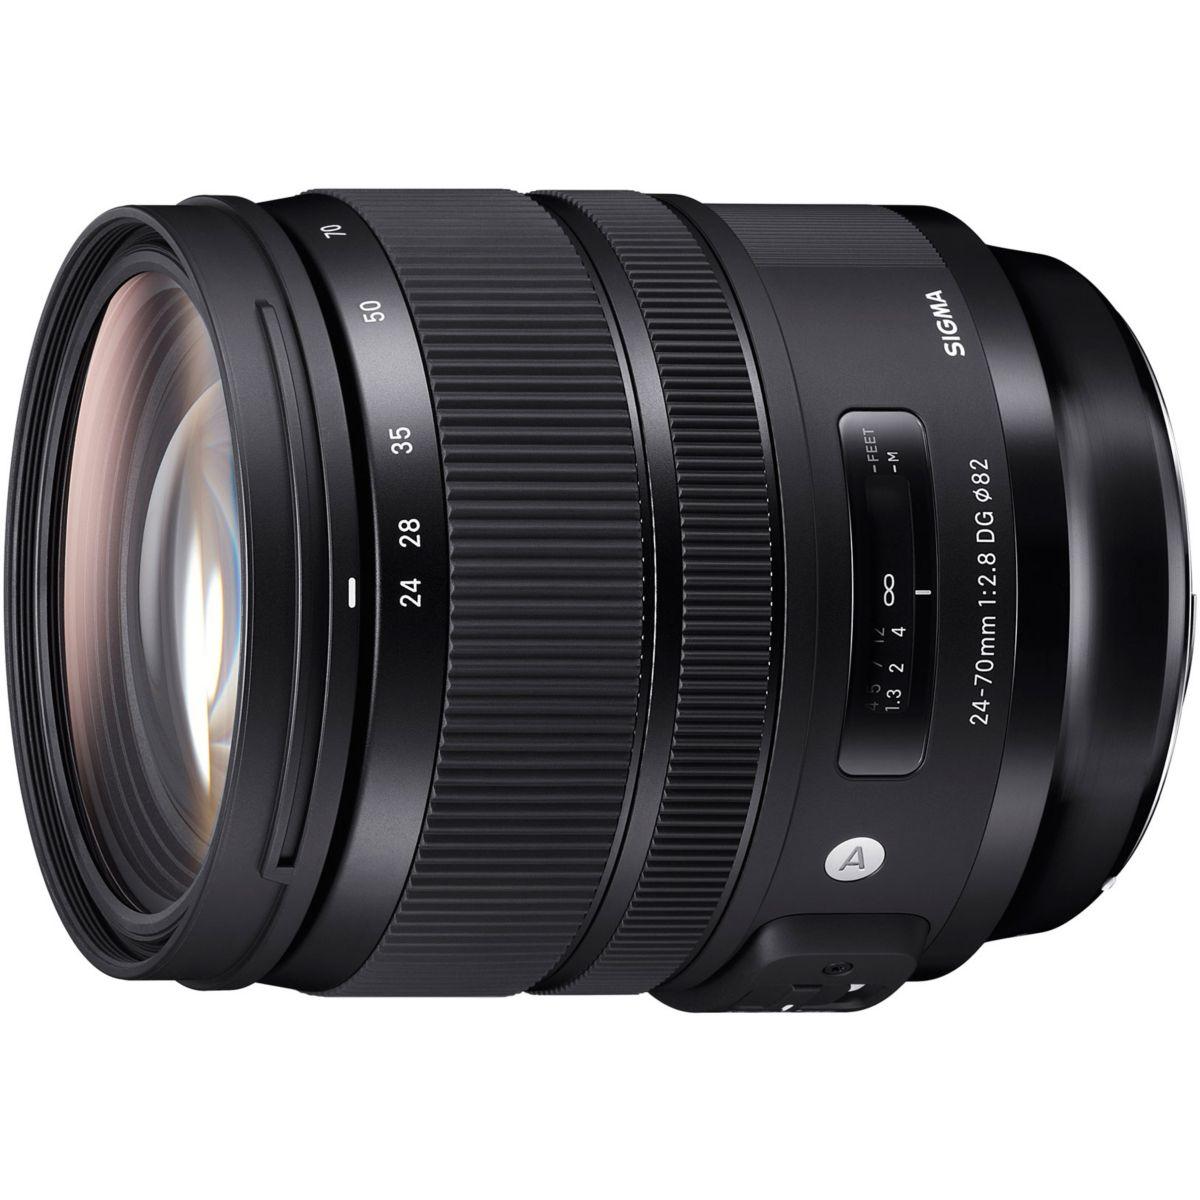 Objectif pour Reflex SIGMA 24-70mm F2.8 DG OS HSM  Art Nikon